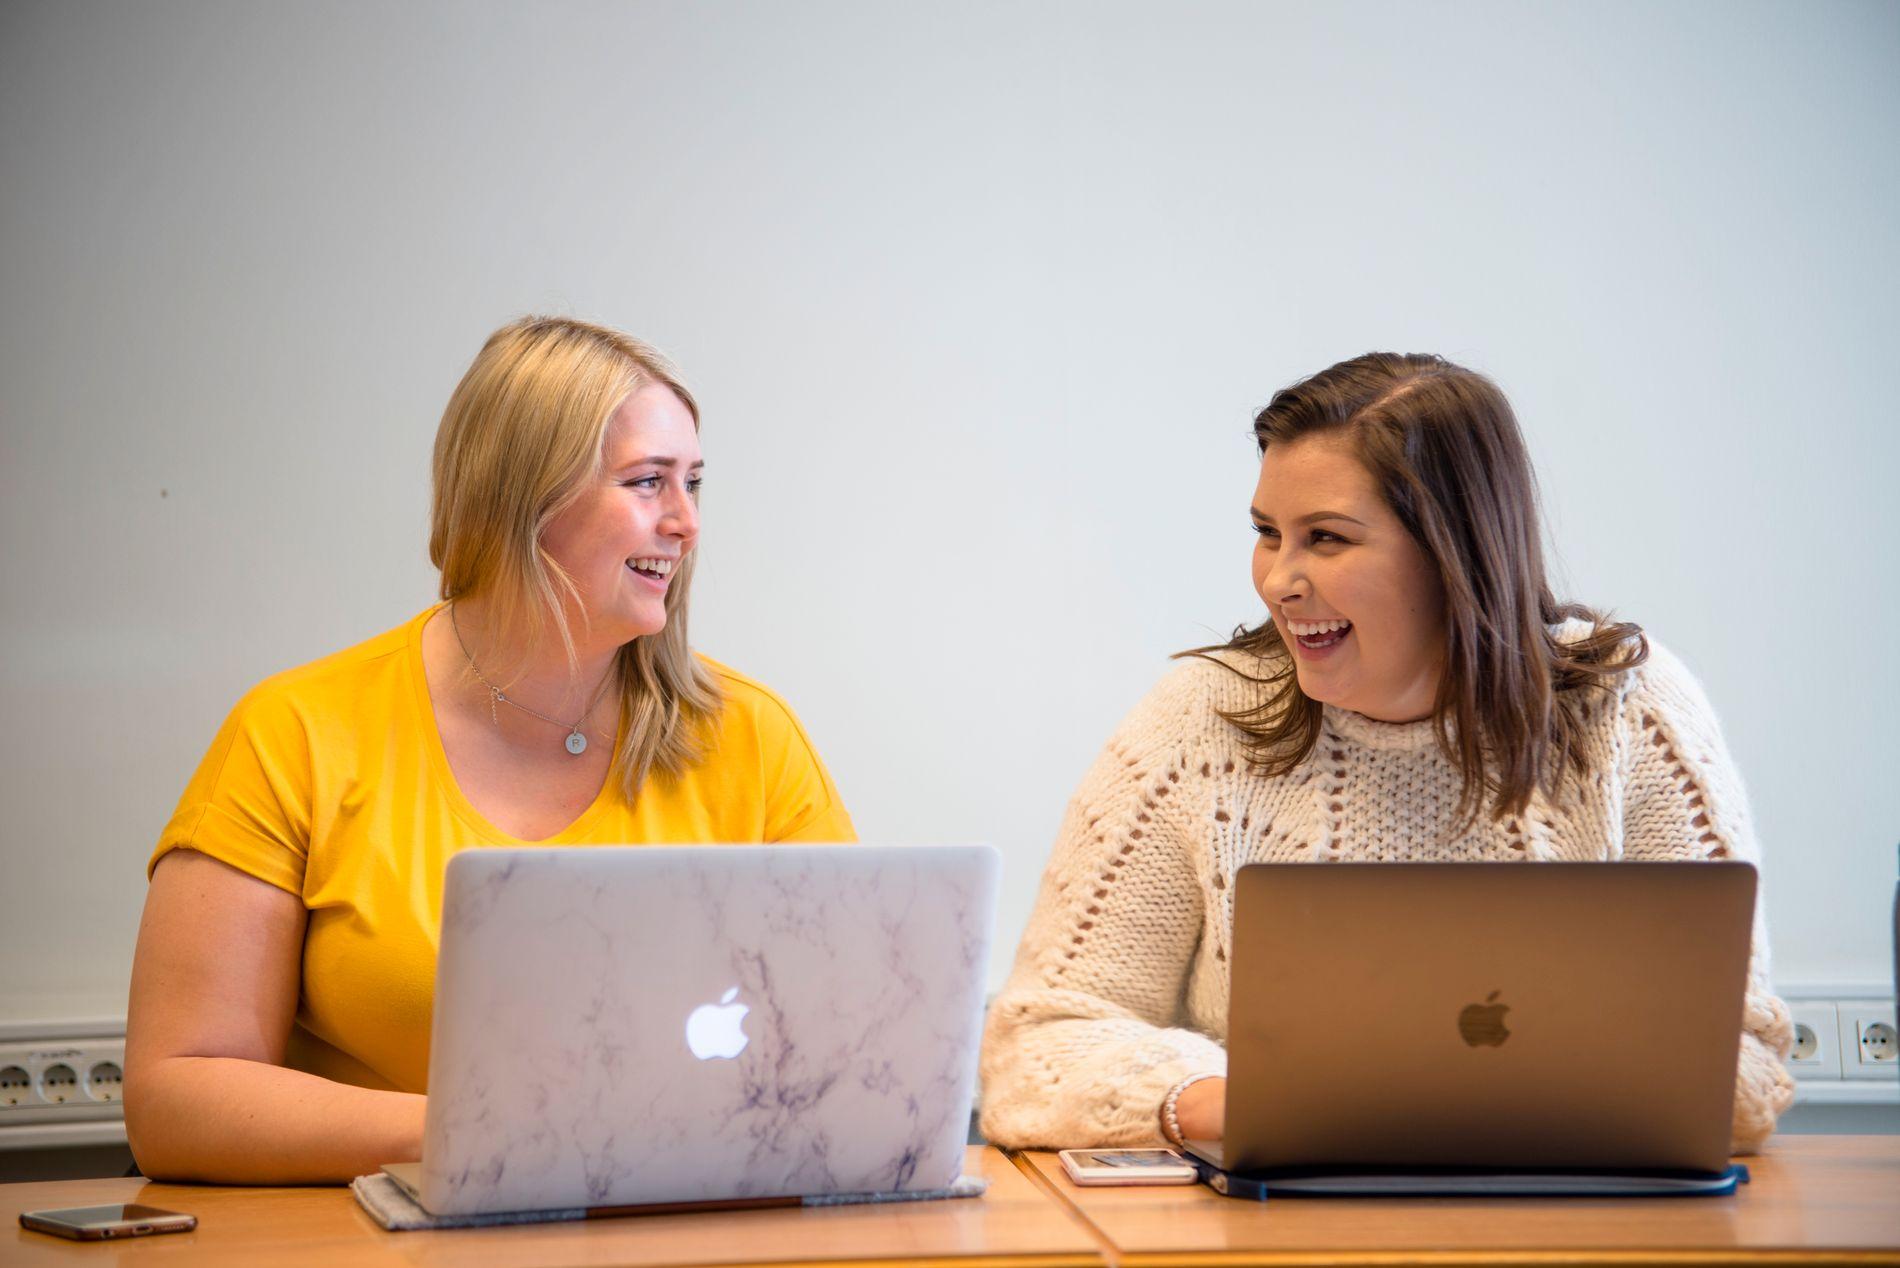 GODT MILJØ: Fjerdeårsstudentene Ragnhild Snerle  (til venstre) og Madelen Bråthen synes miljøet blant grunnskolelærerstudentene på Hamar er veldig bra.